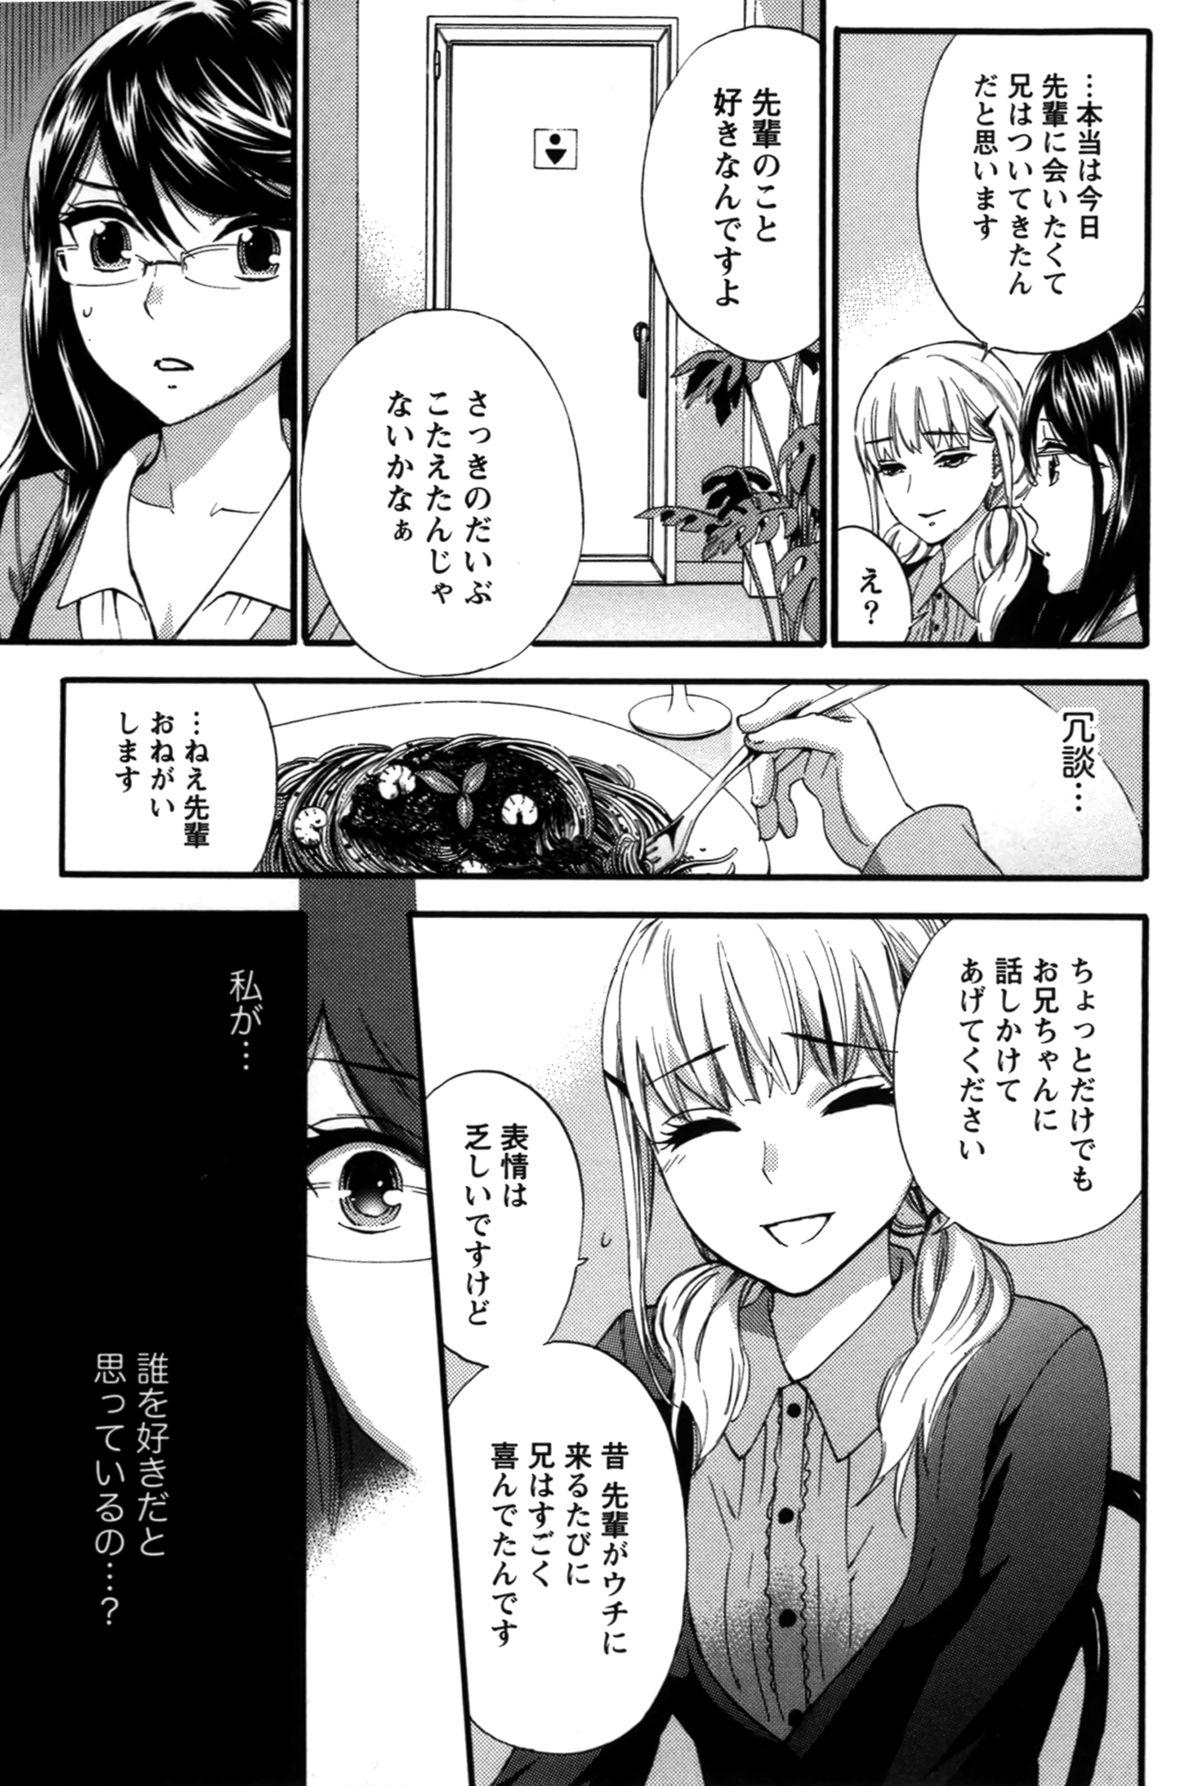 Anata to Watashi wa Warukunai 163